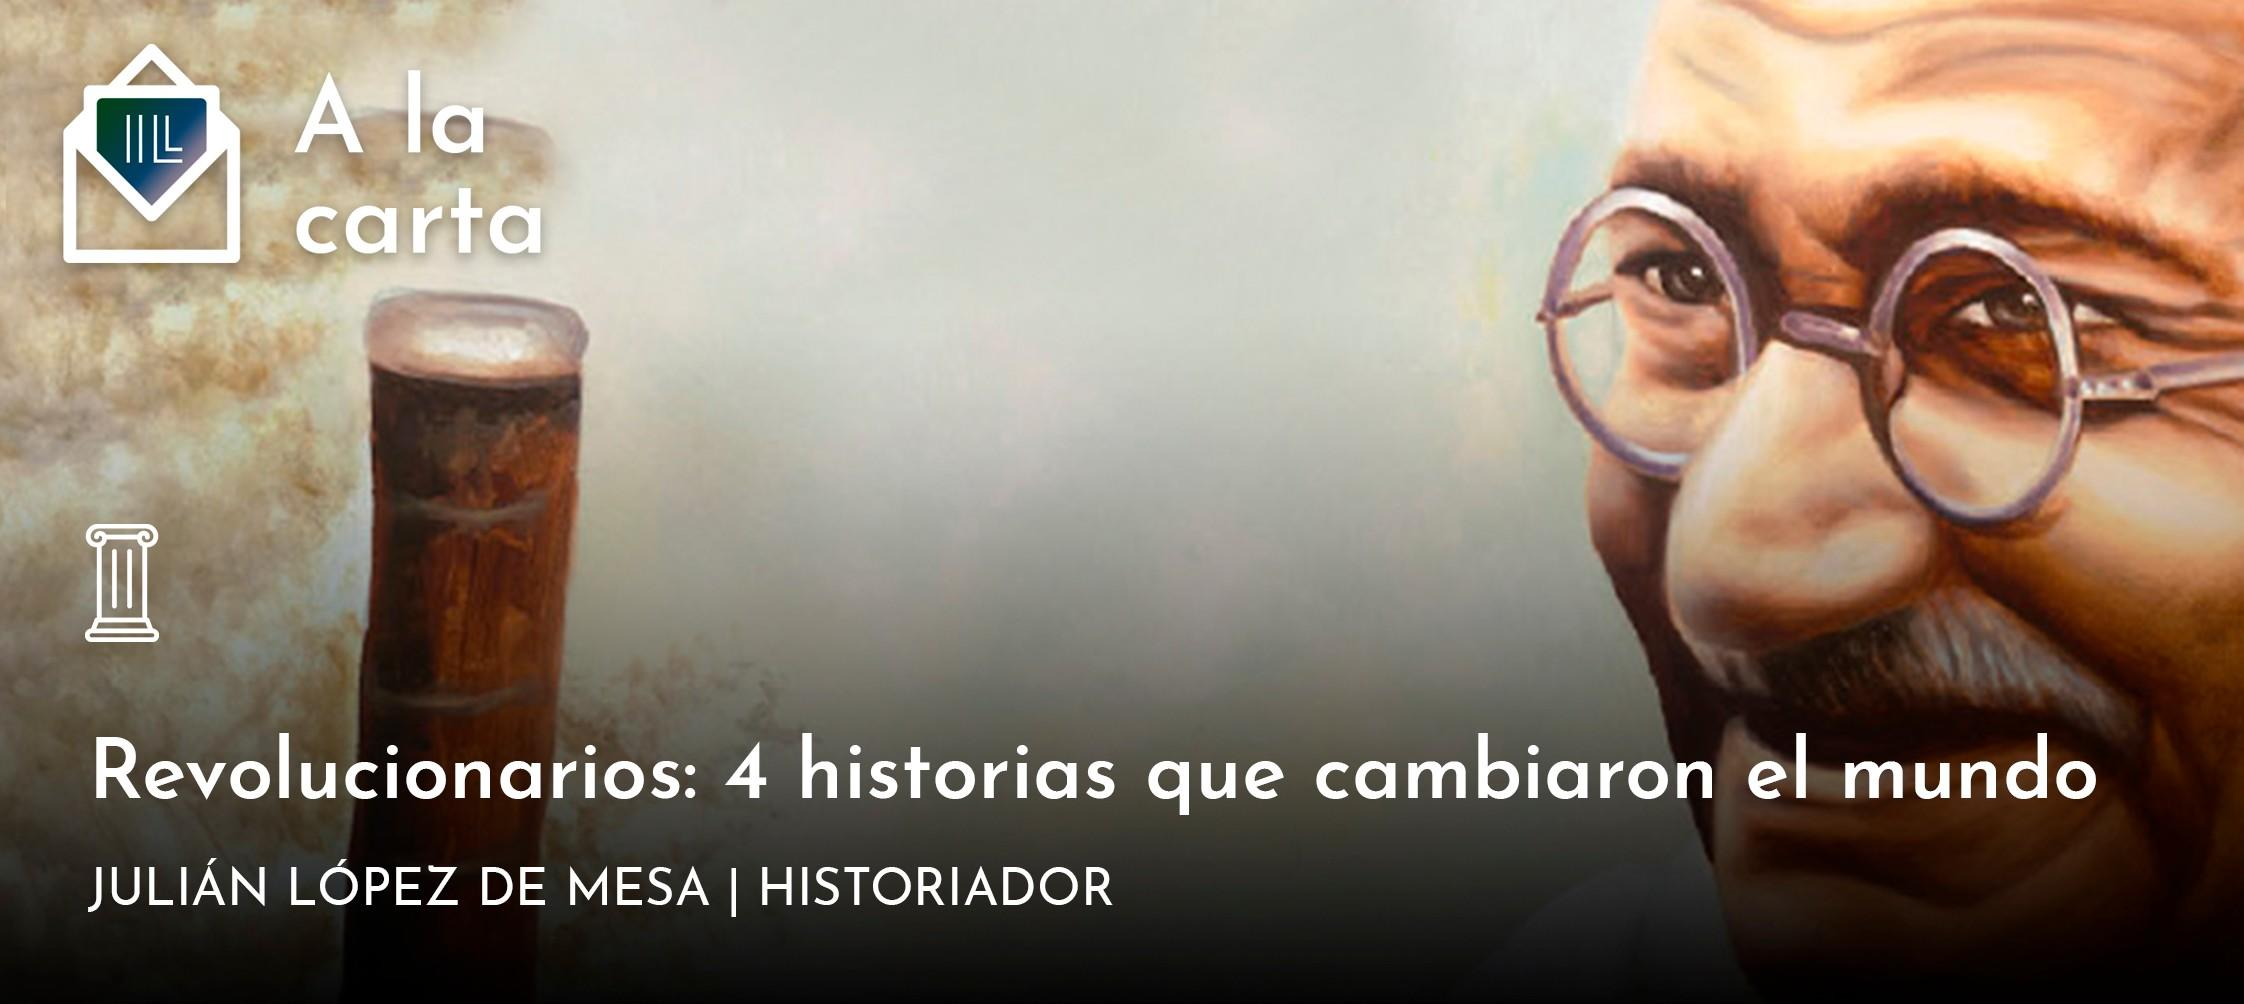 Cursos, cursos online, cursos en español, ilustre, aprendizaje y cultura, aprendizaje online, aprendizaje virtual